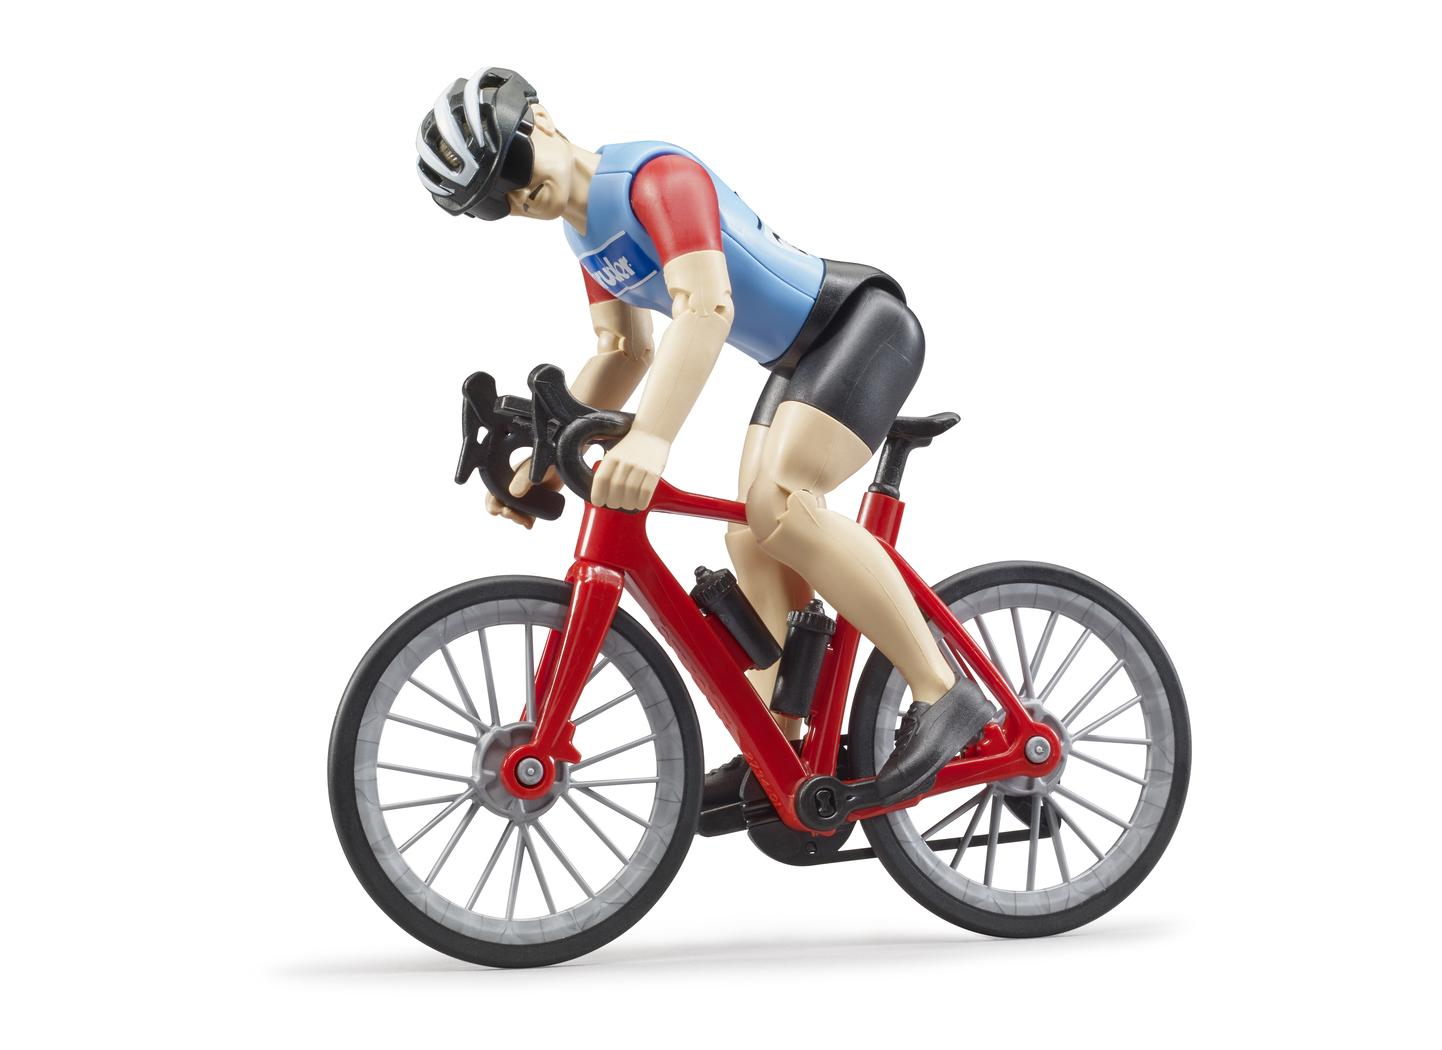 Купить 63-110, Велосипед с фигуркой, Bruder, Мужской|Женский (shop: GulliverMarket Gulliver Market)